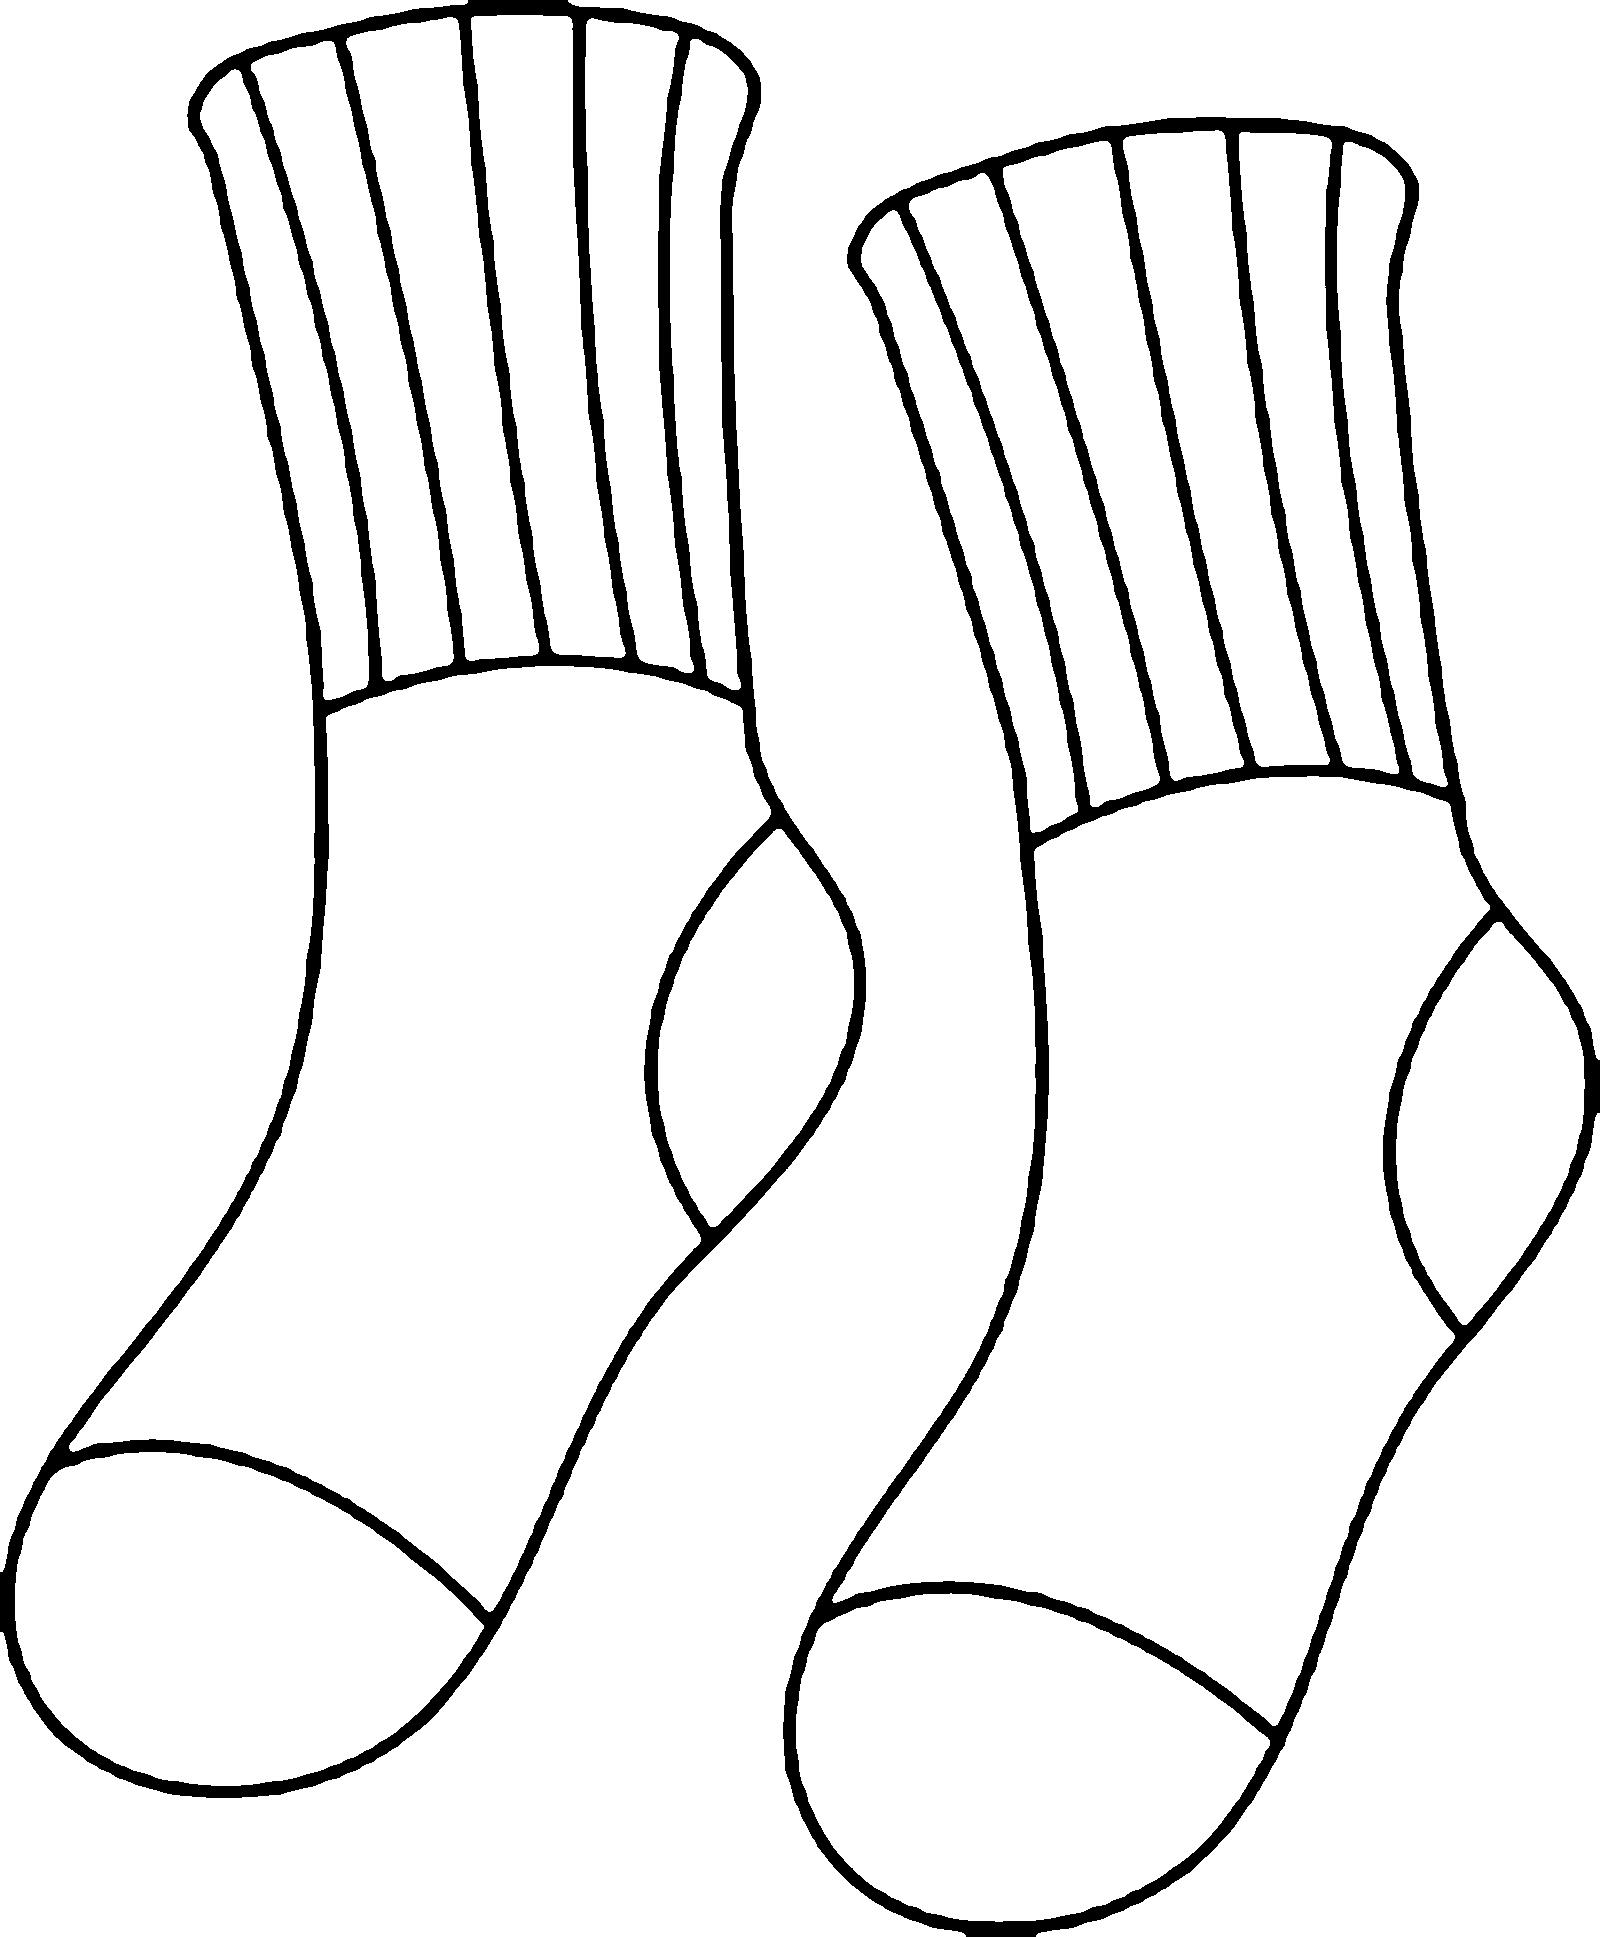 будущей черно белый рисунок носок идея сделать